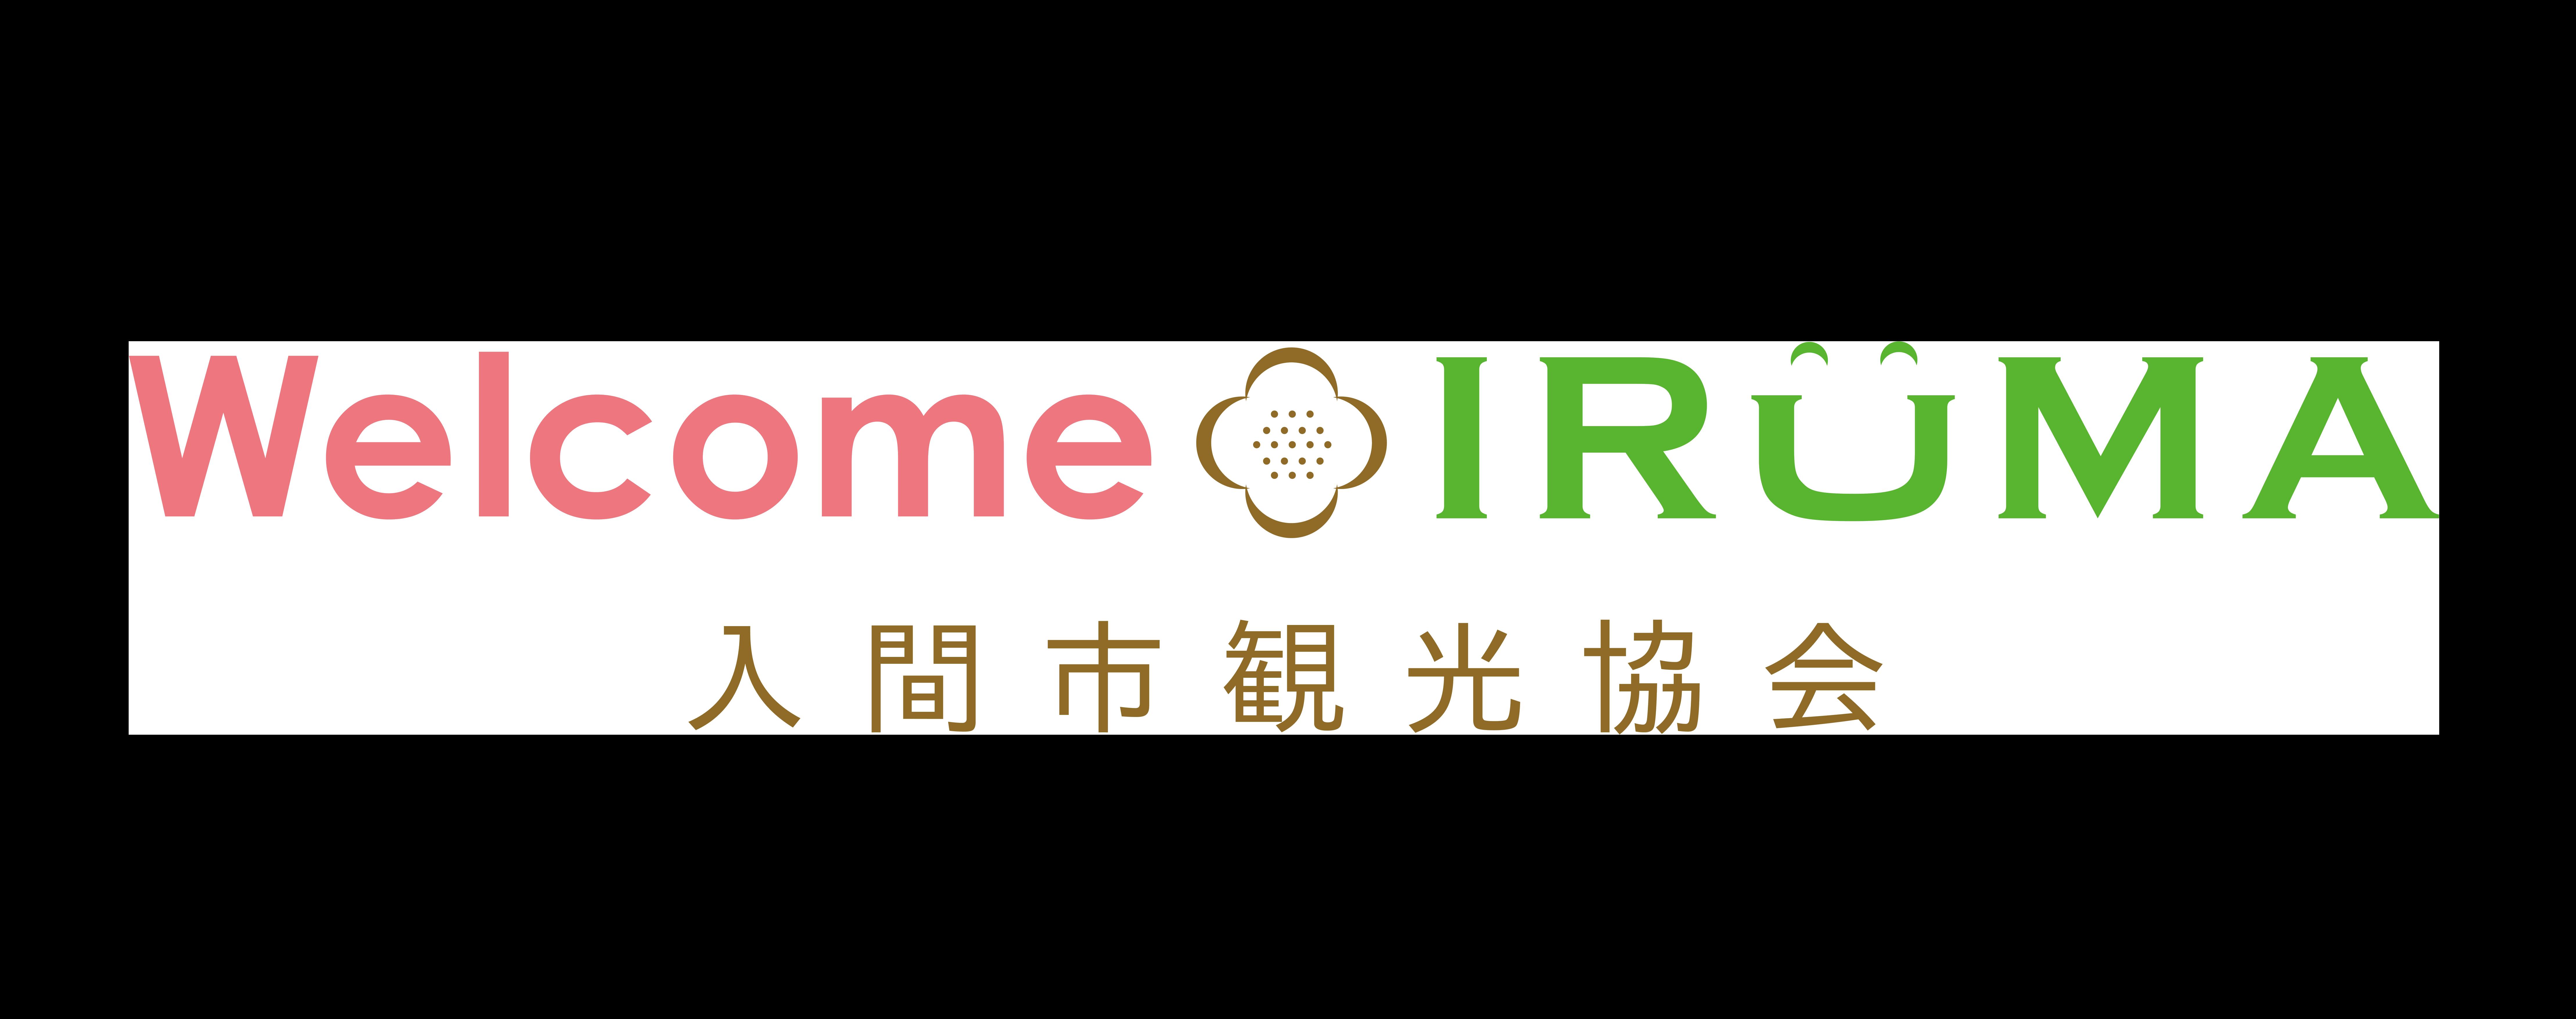 入間市観光協会